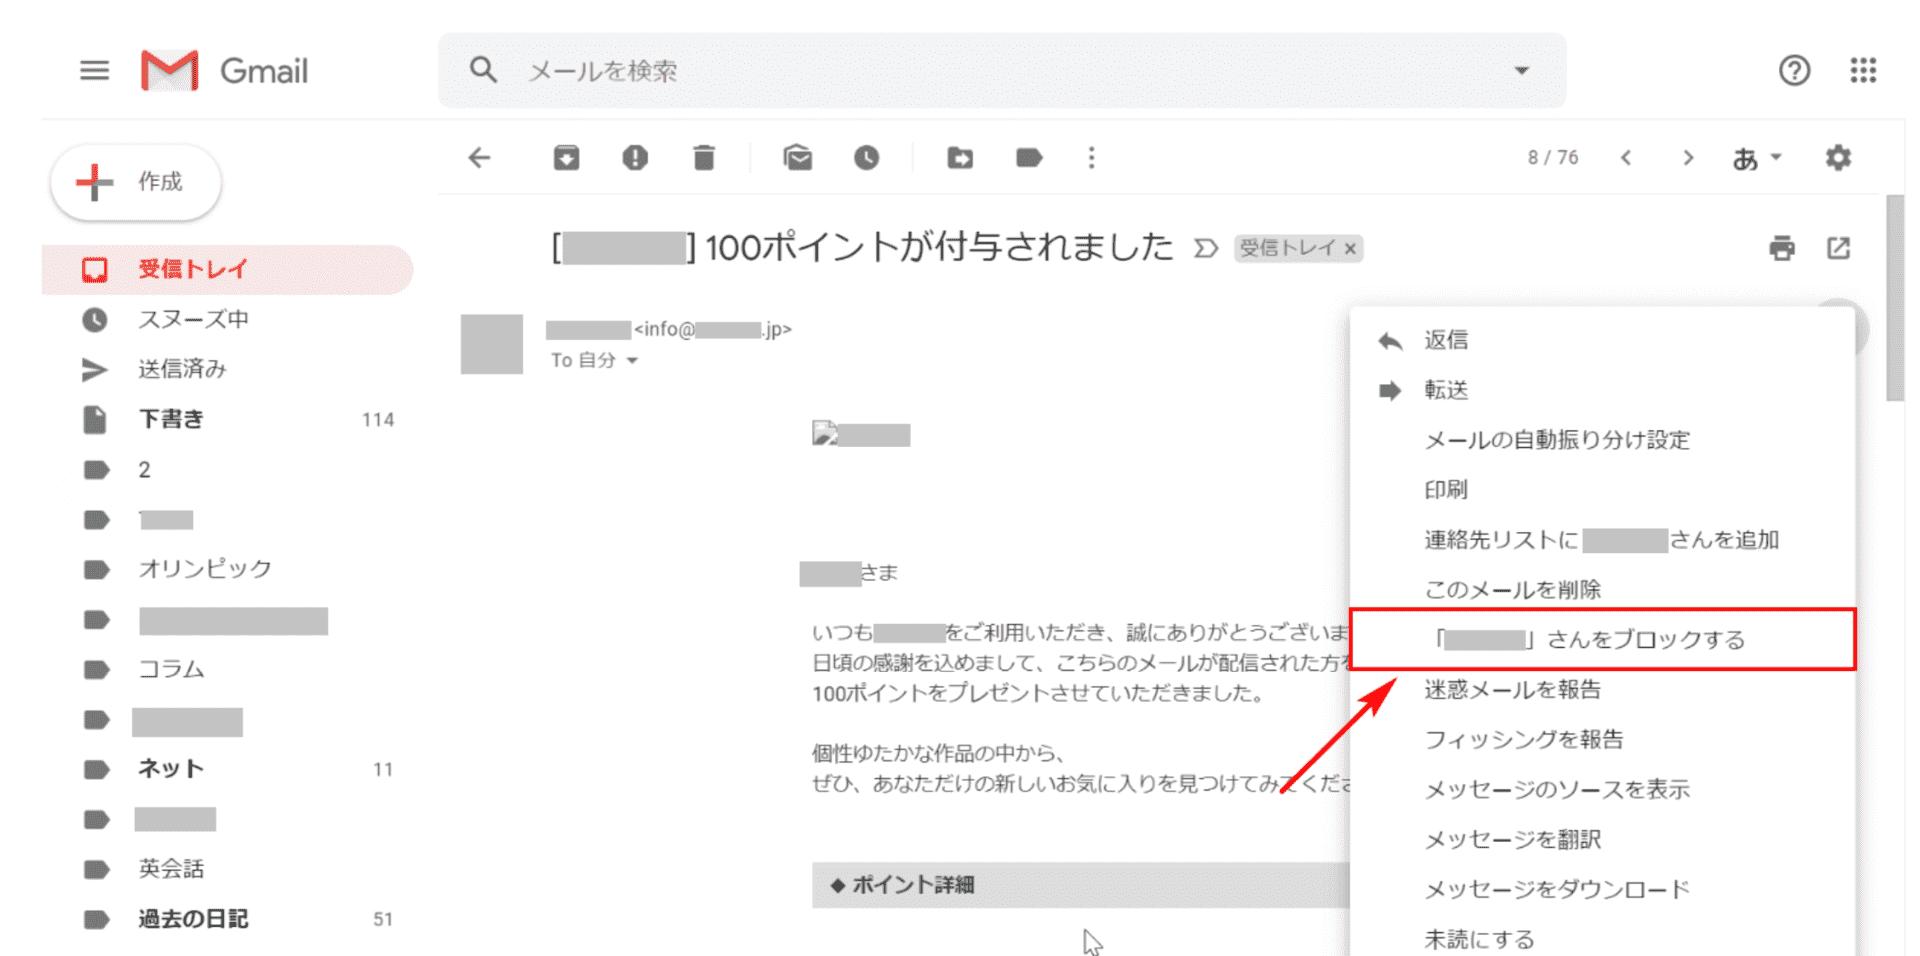 拒否 受信 g メール